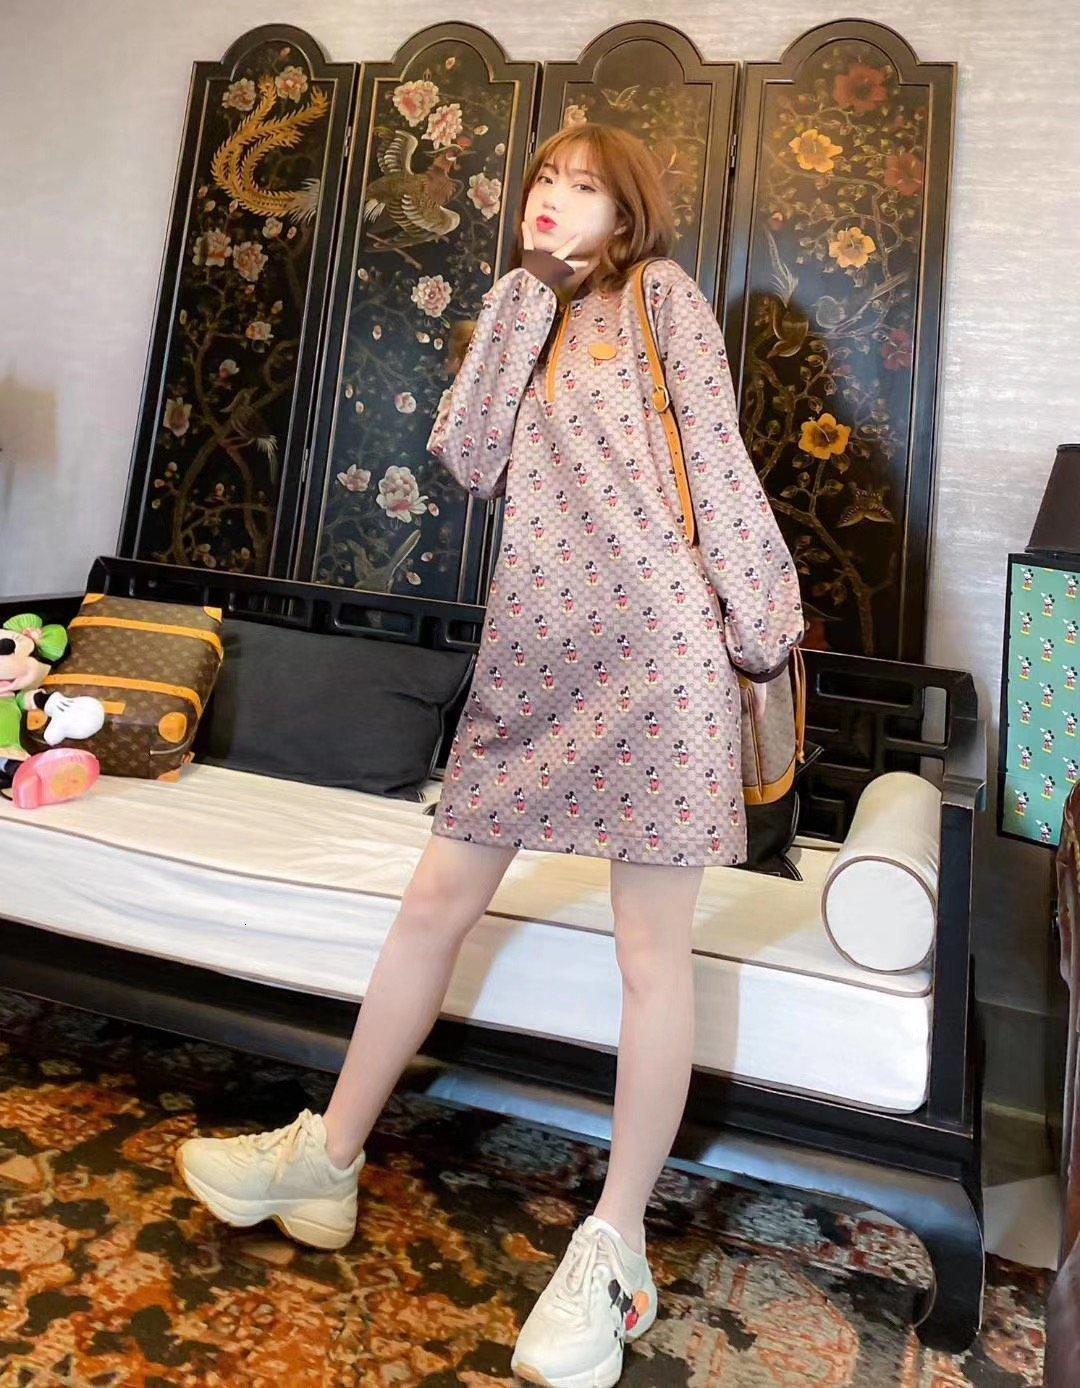 Novo Modelo Da Série Limitada De Ano Novo Senhoras Casuais Festa Vestidos De Verão Para Roupas Vestidos Impressos